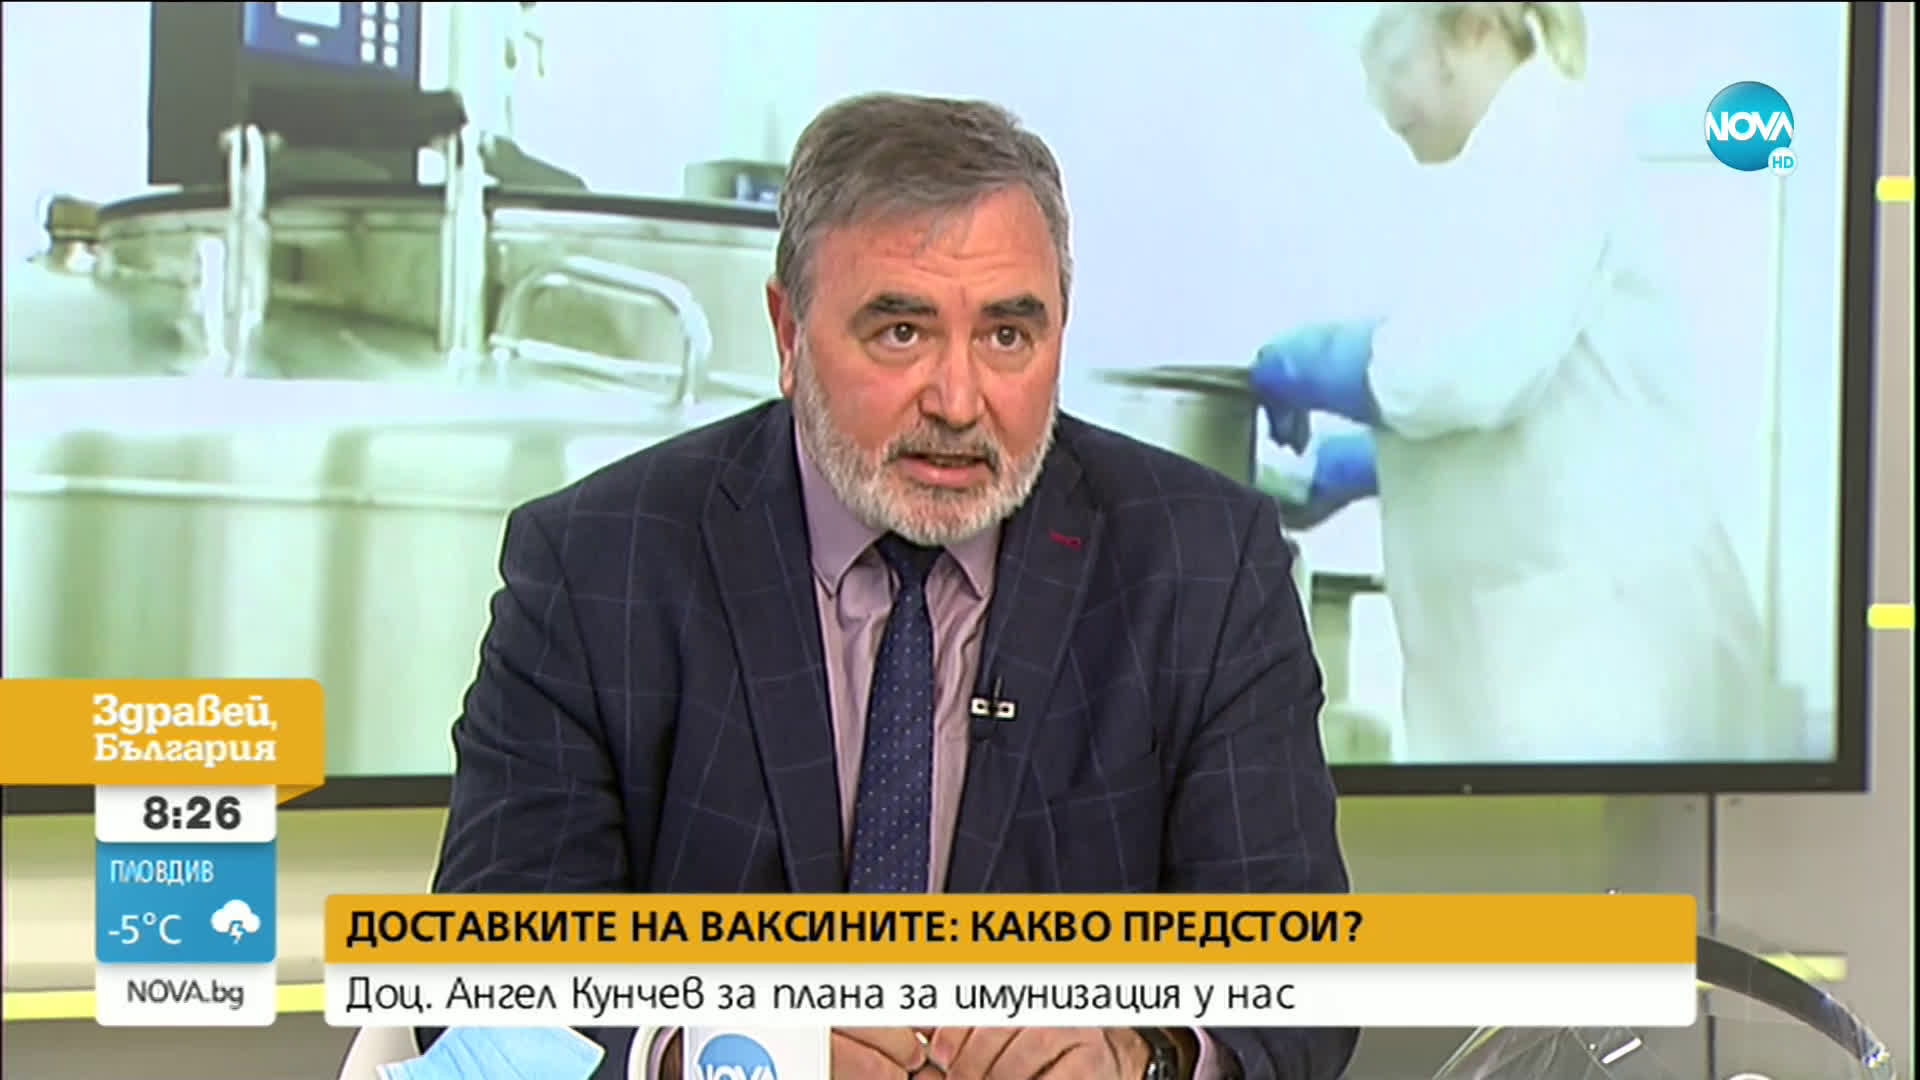 Кунчев: При южноафриканския щам има по-висока смъртност и по-тежко заболяване